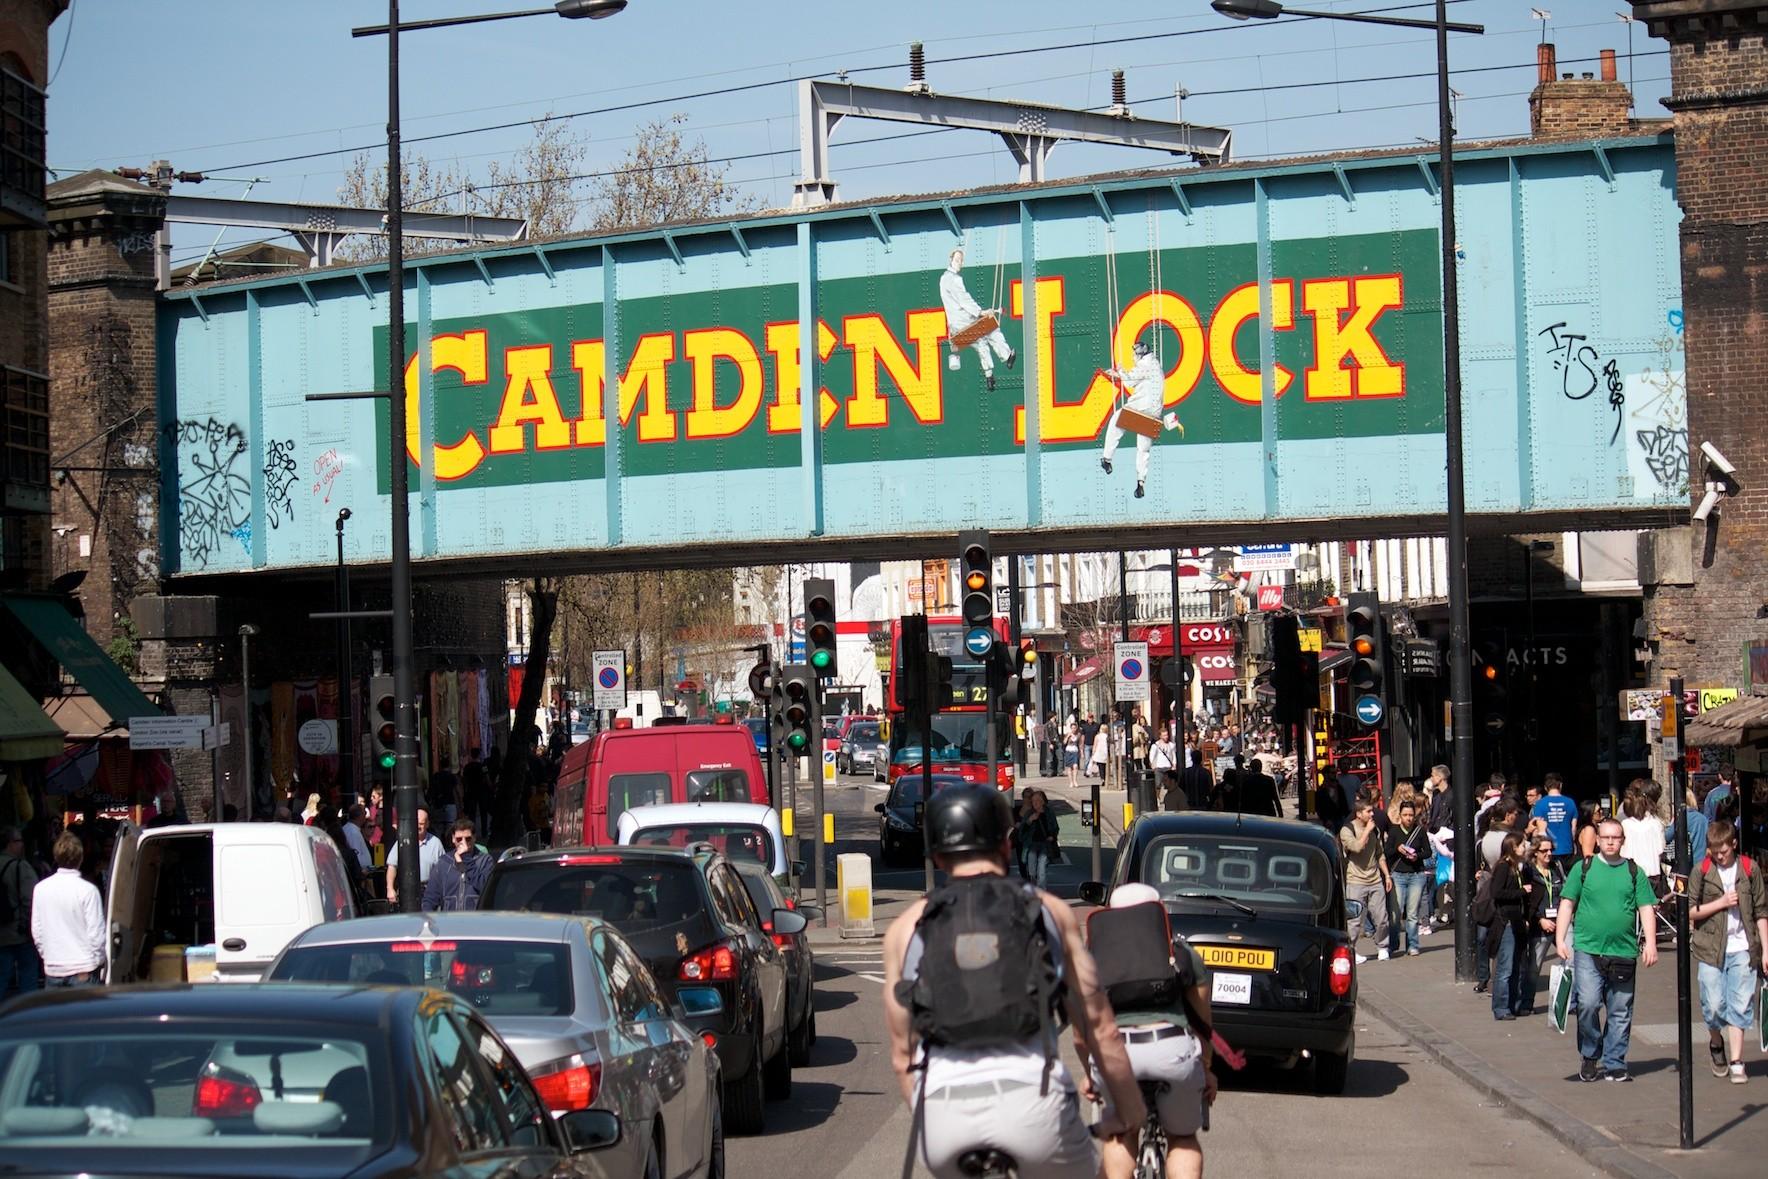 Locks on pinterest for The camden